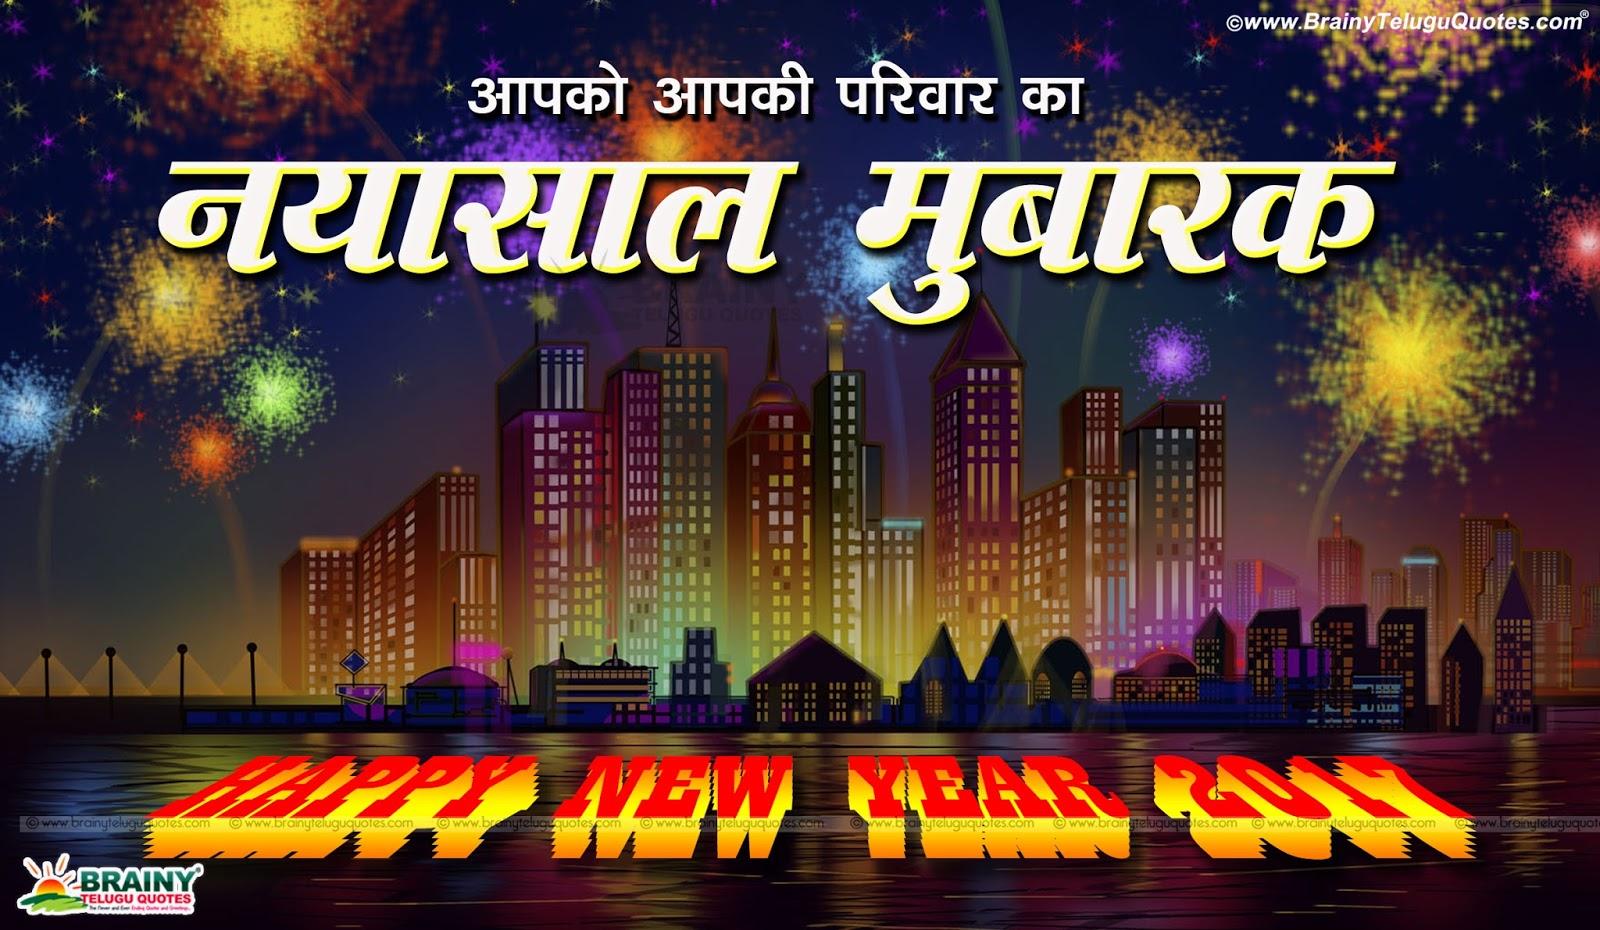 Best Hindi New Year Greetings In Hindi Hindi Naya Saal Shayari